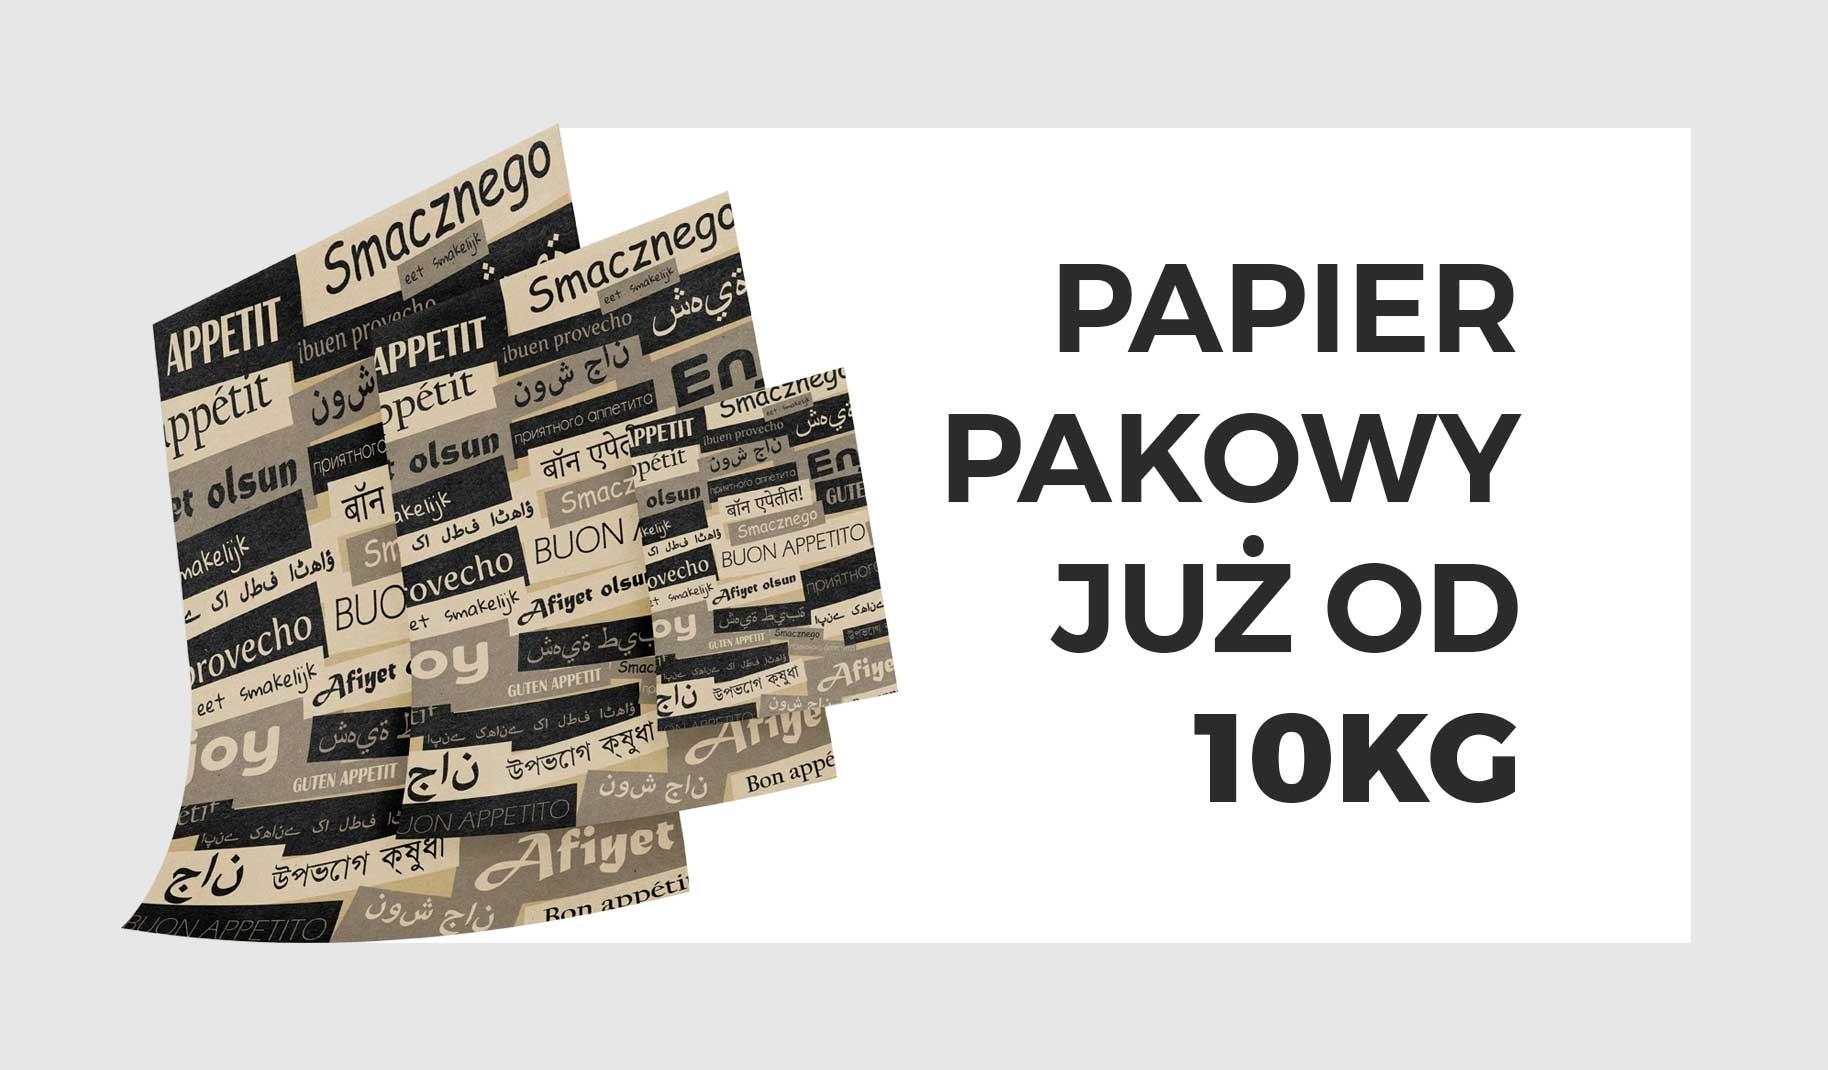 Papier pakowy 10kg